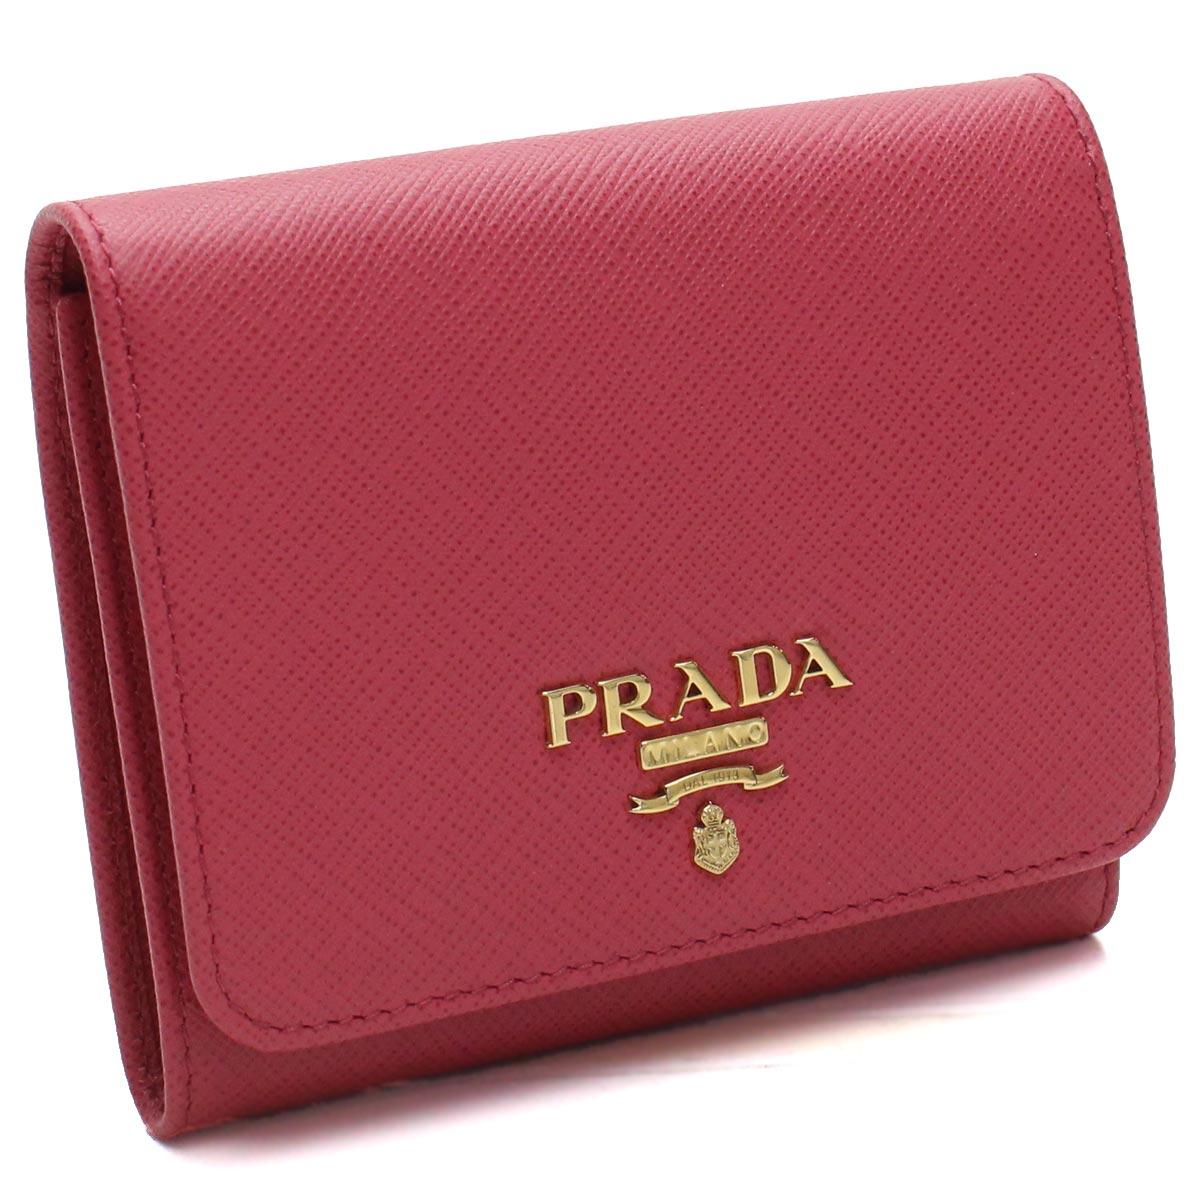 プラダ PRADA サフィアーノ メタル 3つ折り財布 1MH176 QWA F0505 PEONIA ピンク系 レディース